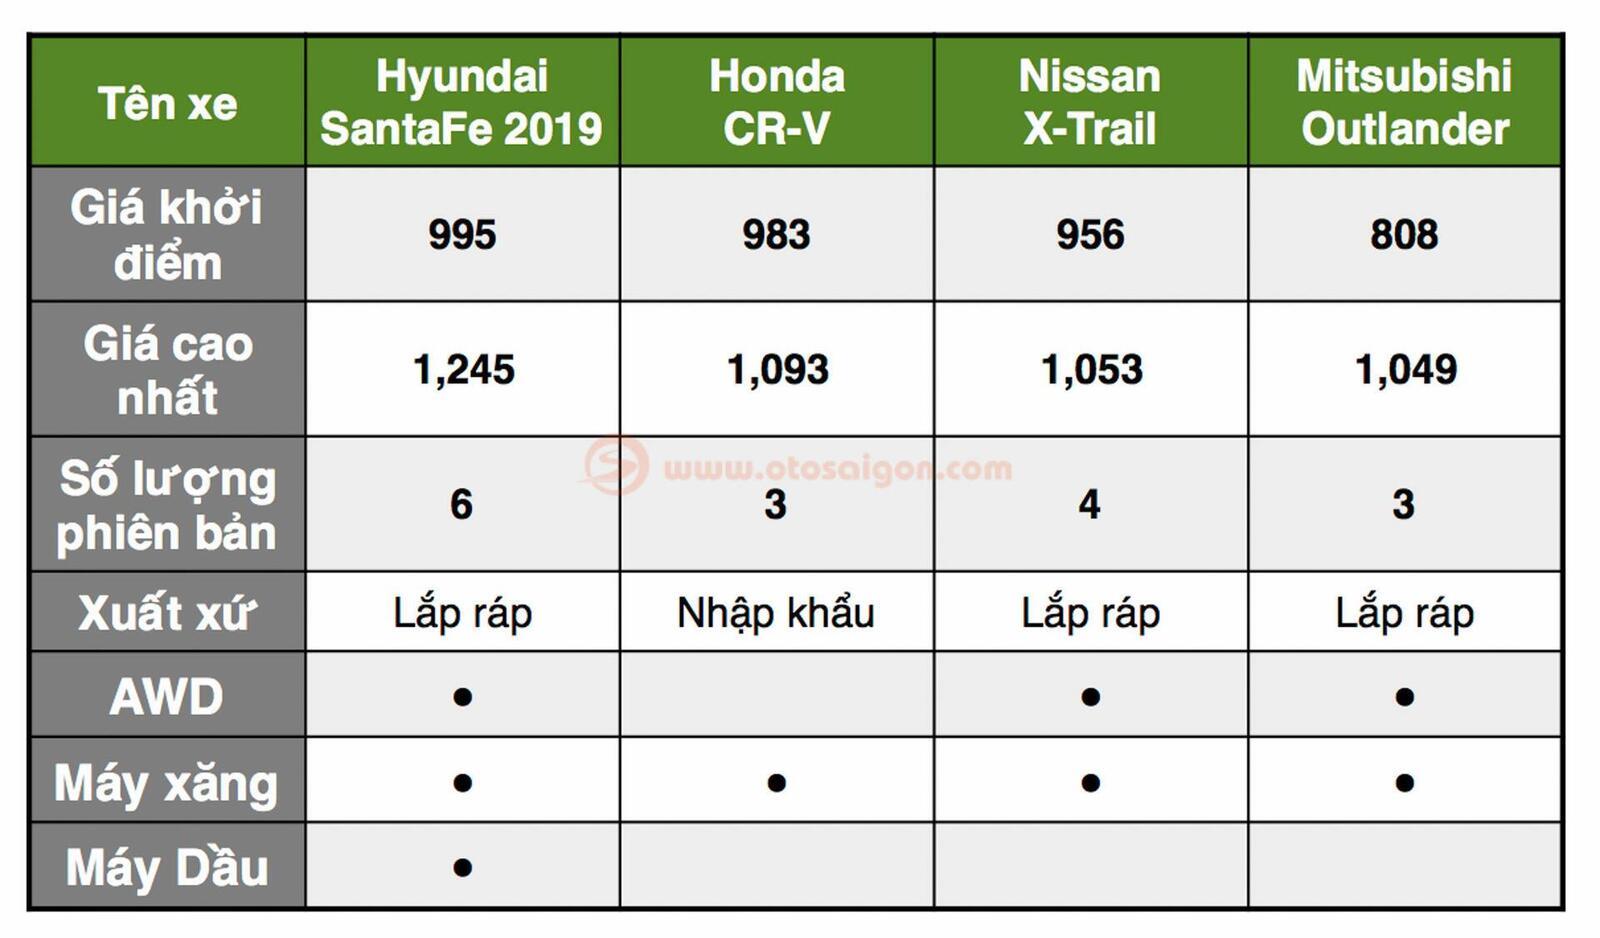 So sánh Hyundai Santa Fe 2019 với các đối thủ trong phân khúc SUV - Hình 2